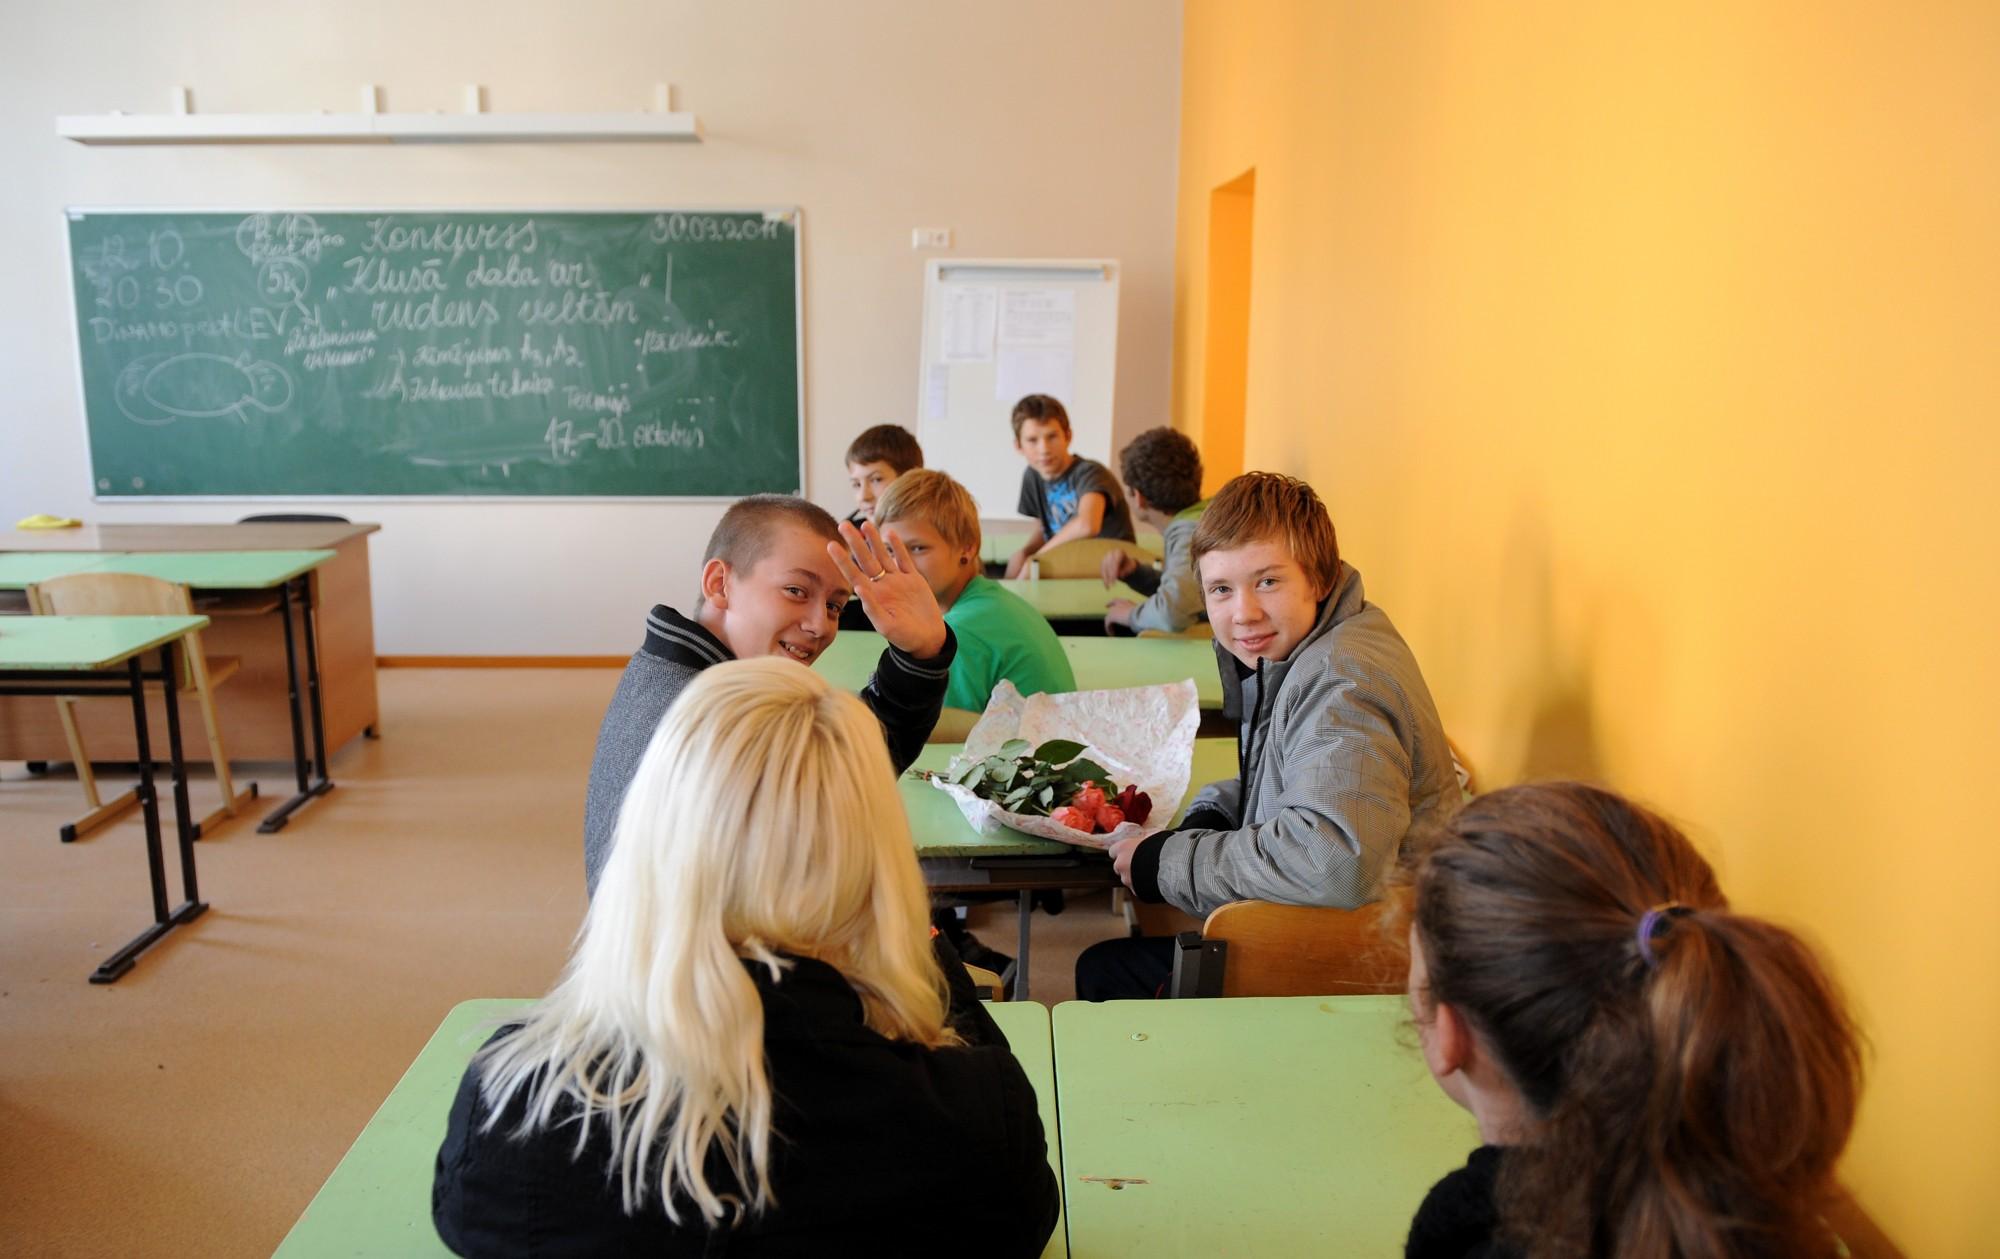 С нового учебного года начинается постепенный переход на новые модели основного образования для нацменьшинств